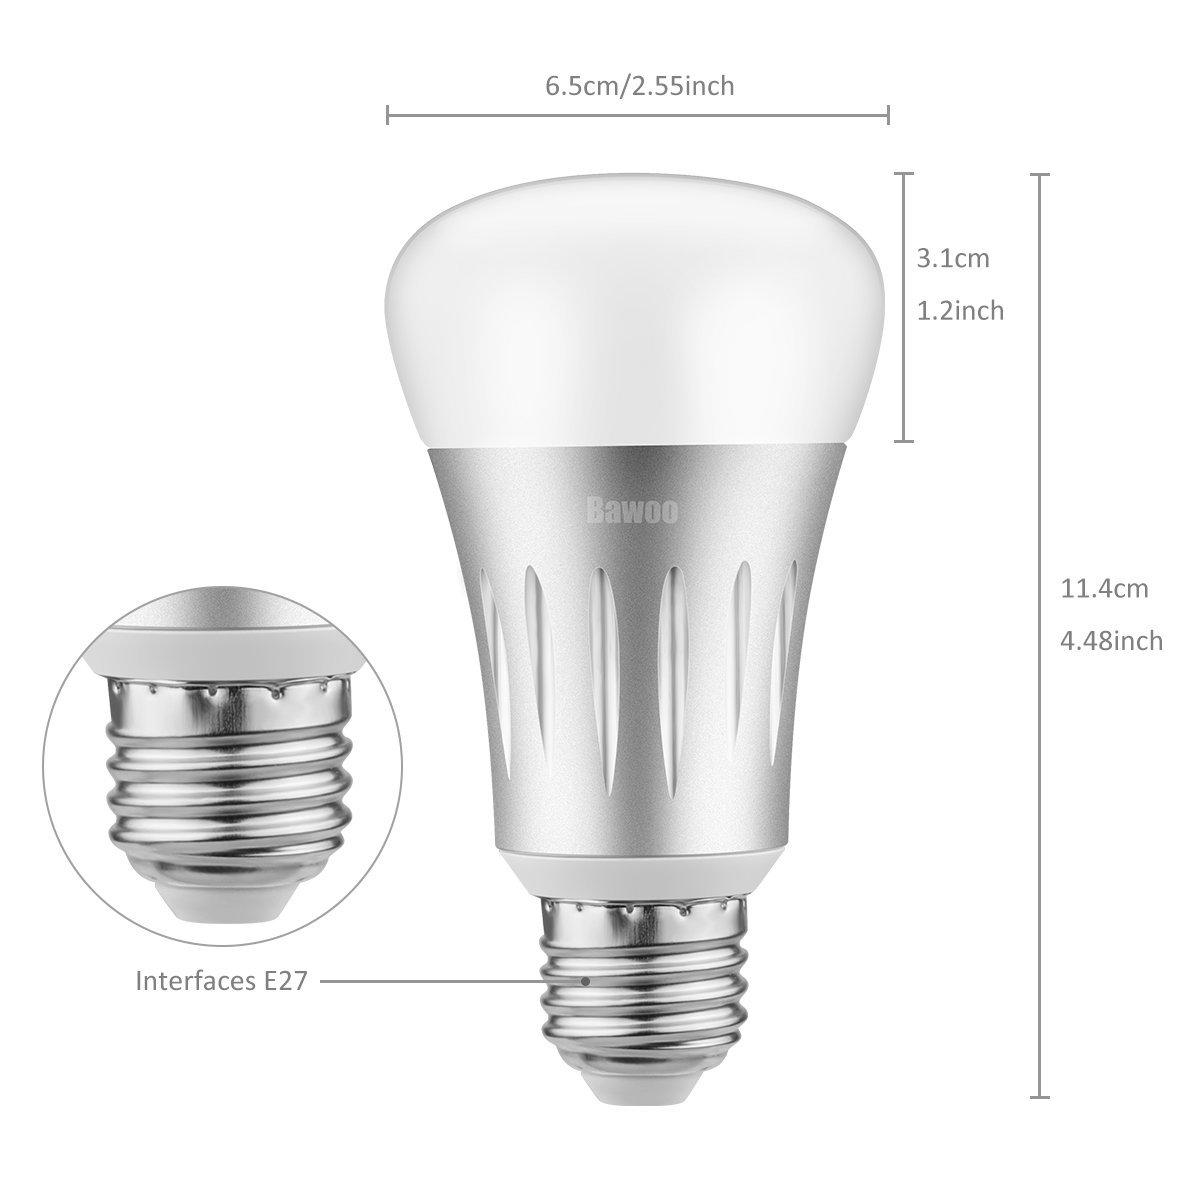 Bawoo Smart Bulb